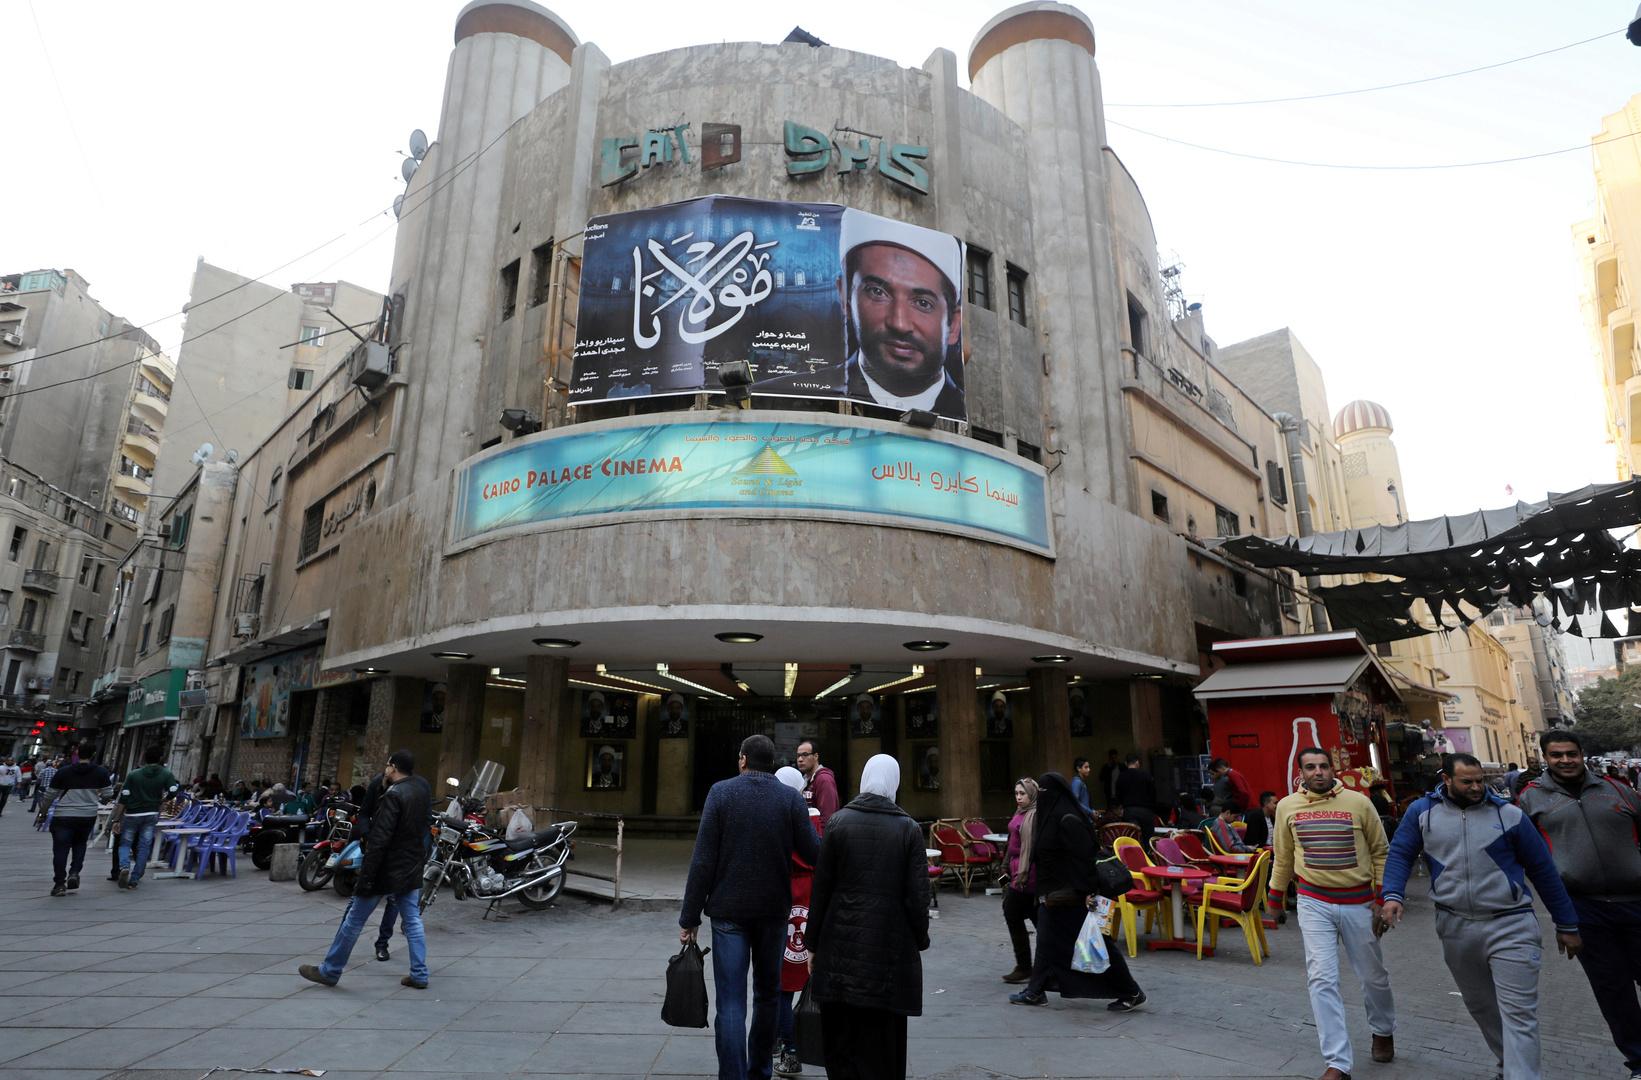 فنانات مصر يتنافسن بإطلالاتهن على السجاد الأحمر لمهرجان الجونة السينمائي